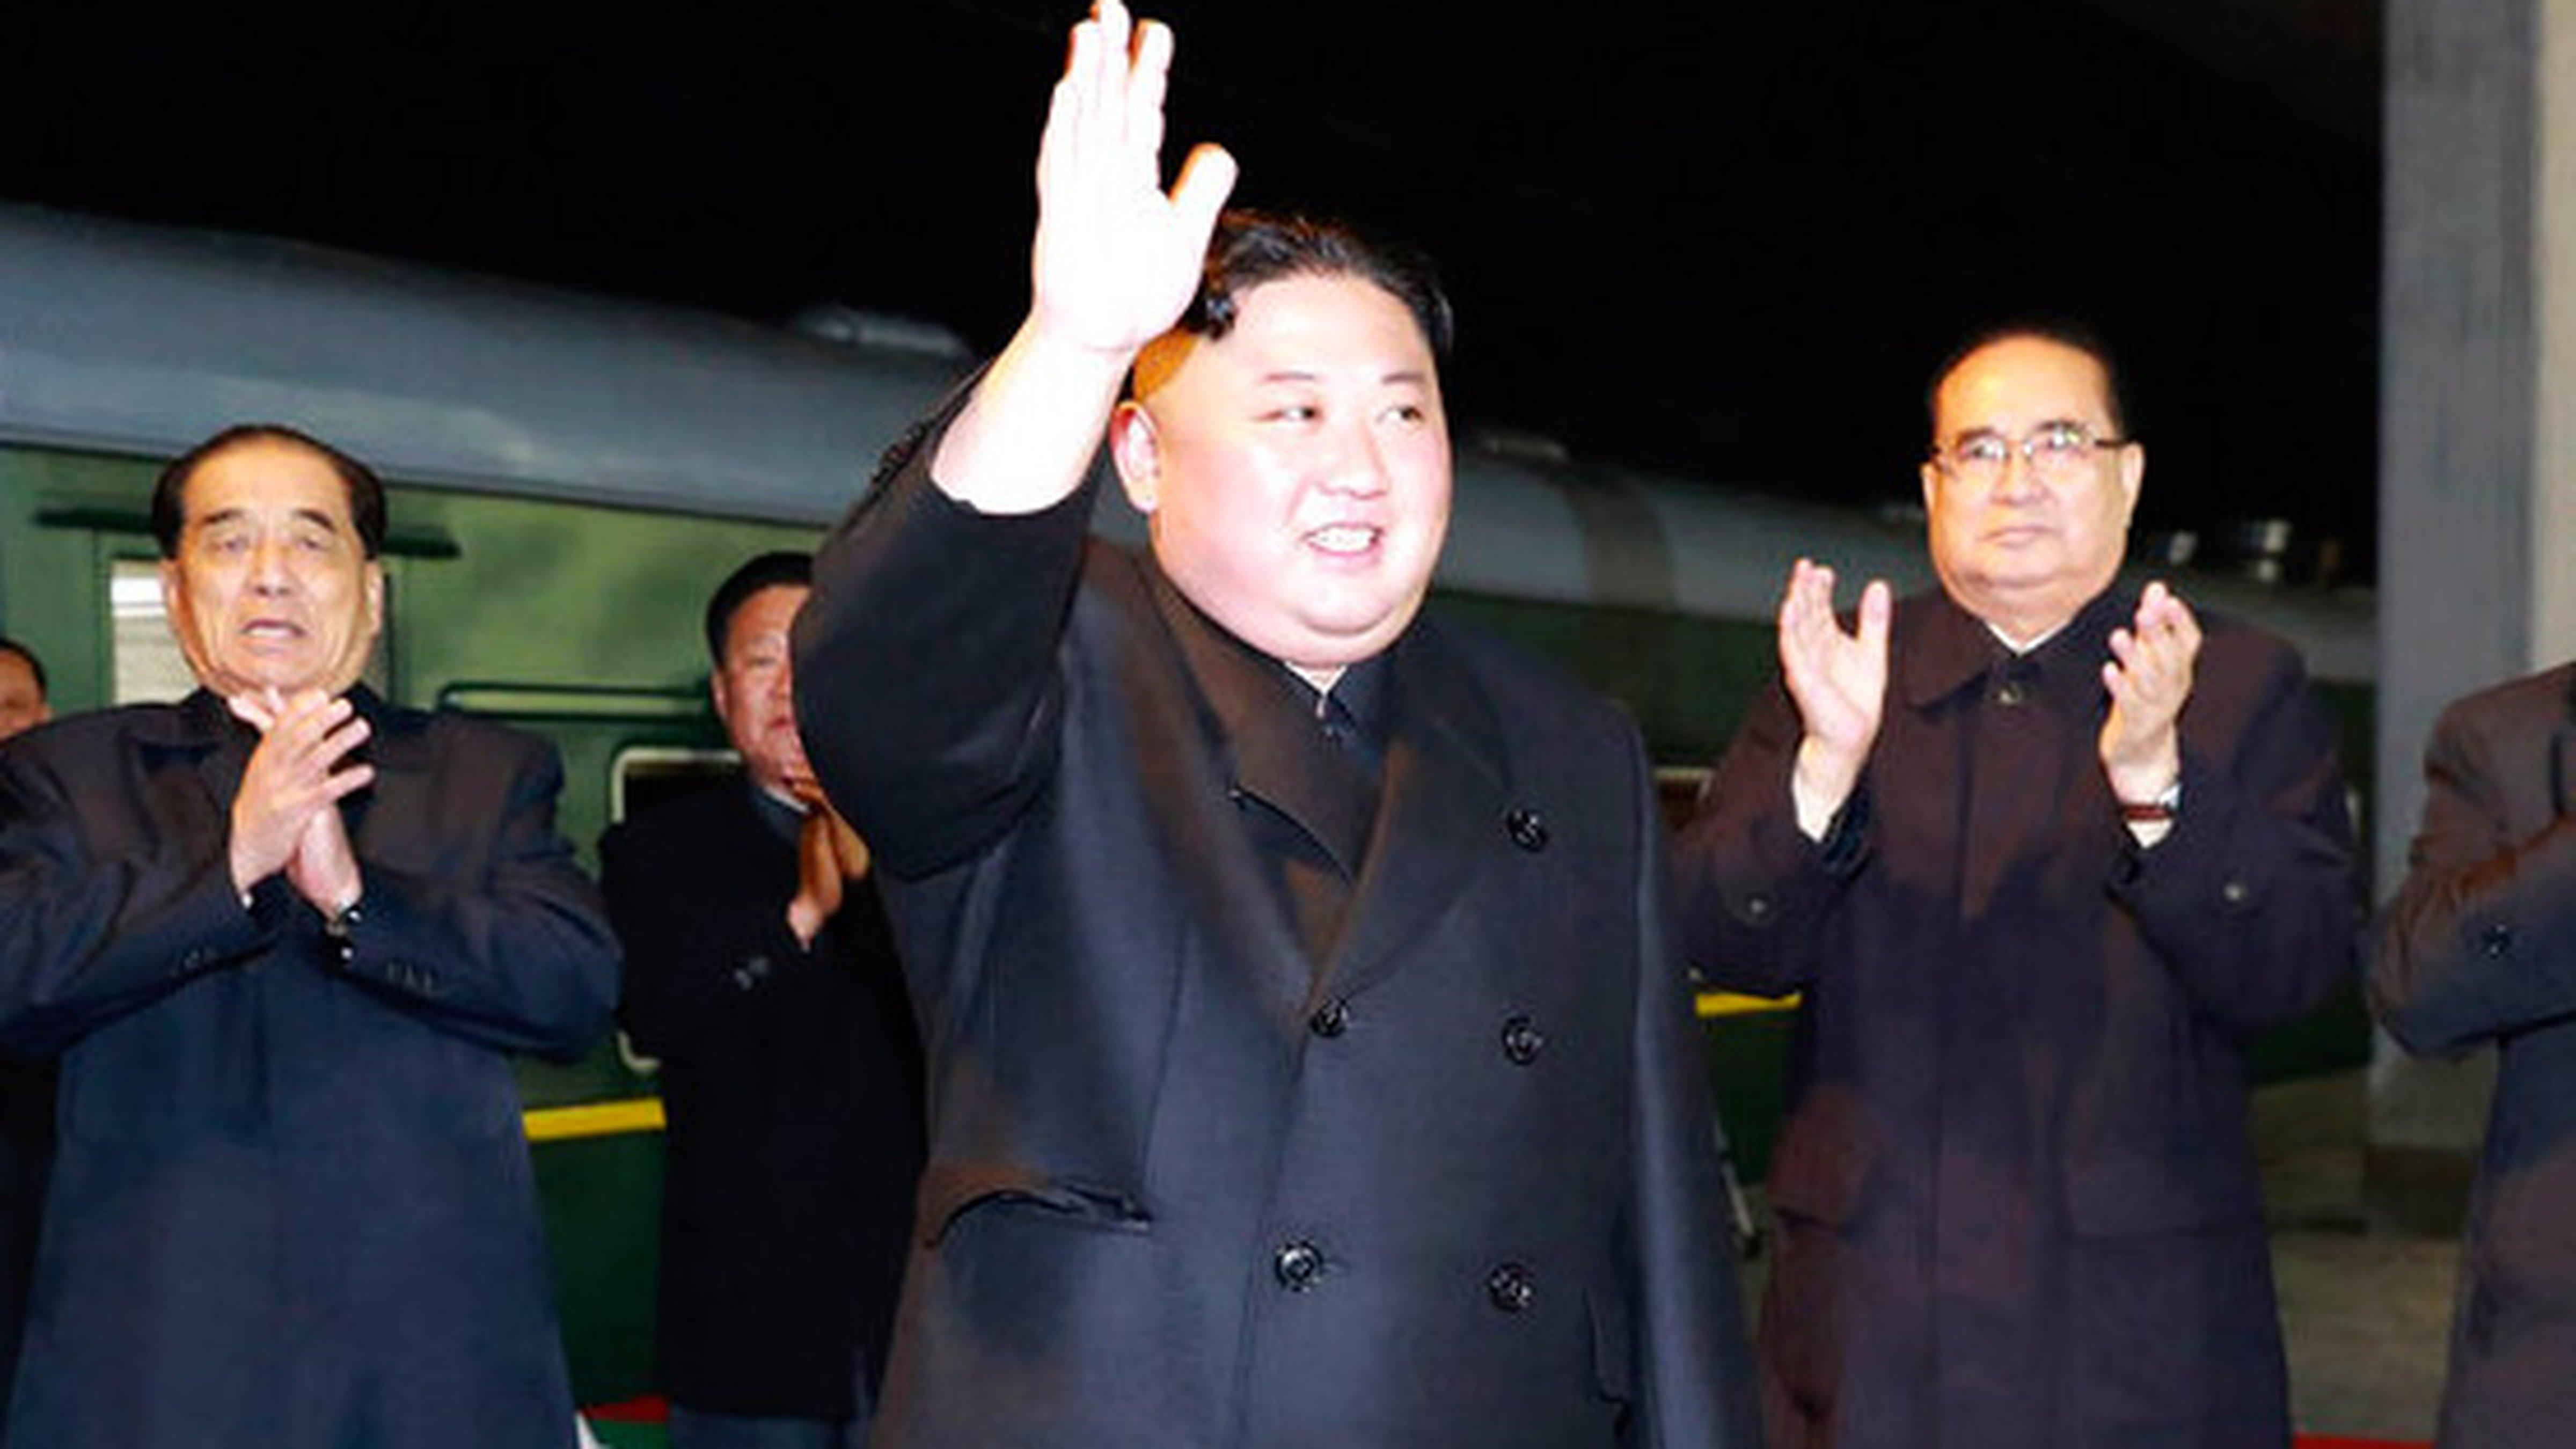 金正恩已经抵达俄罗斯。图片